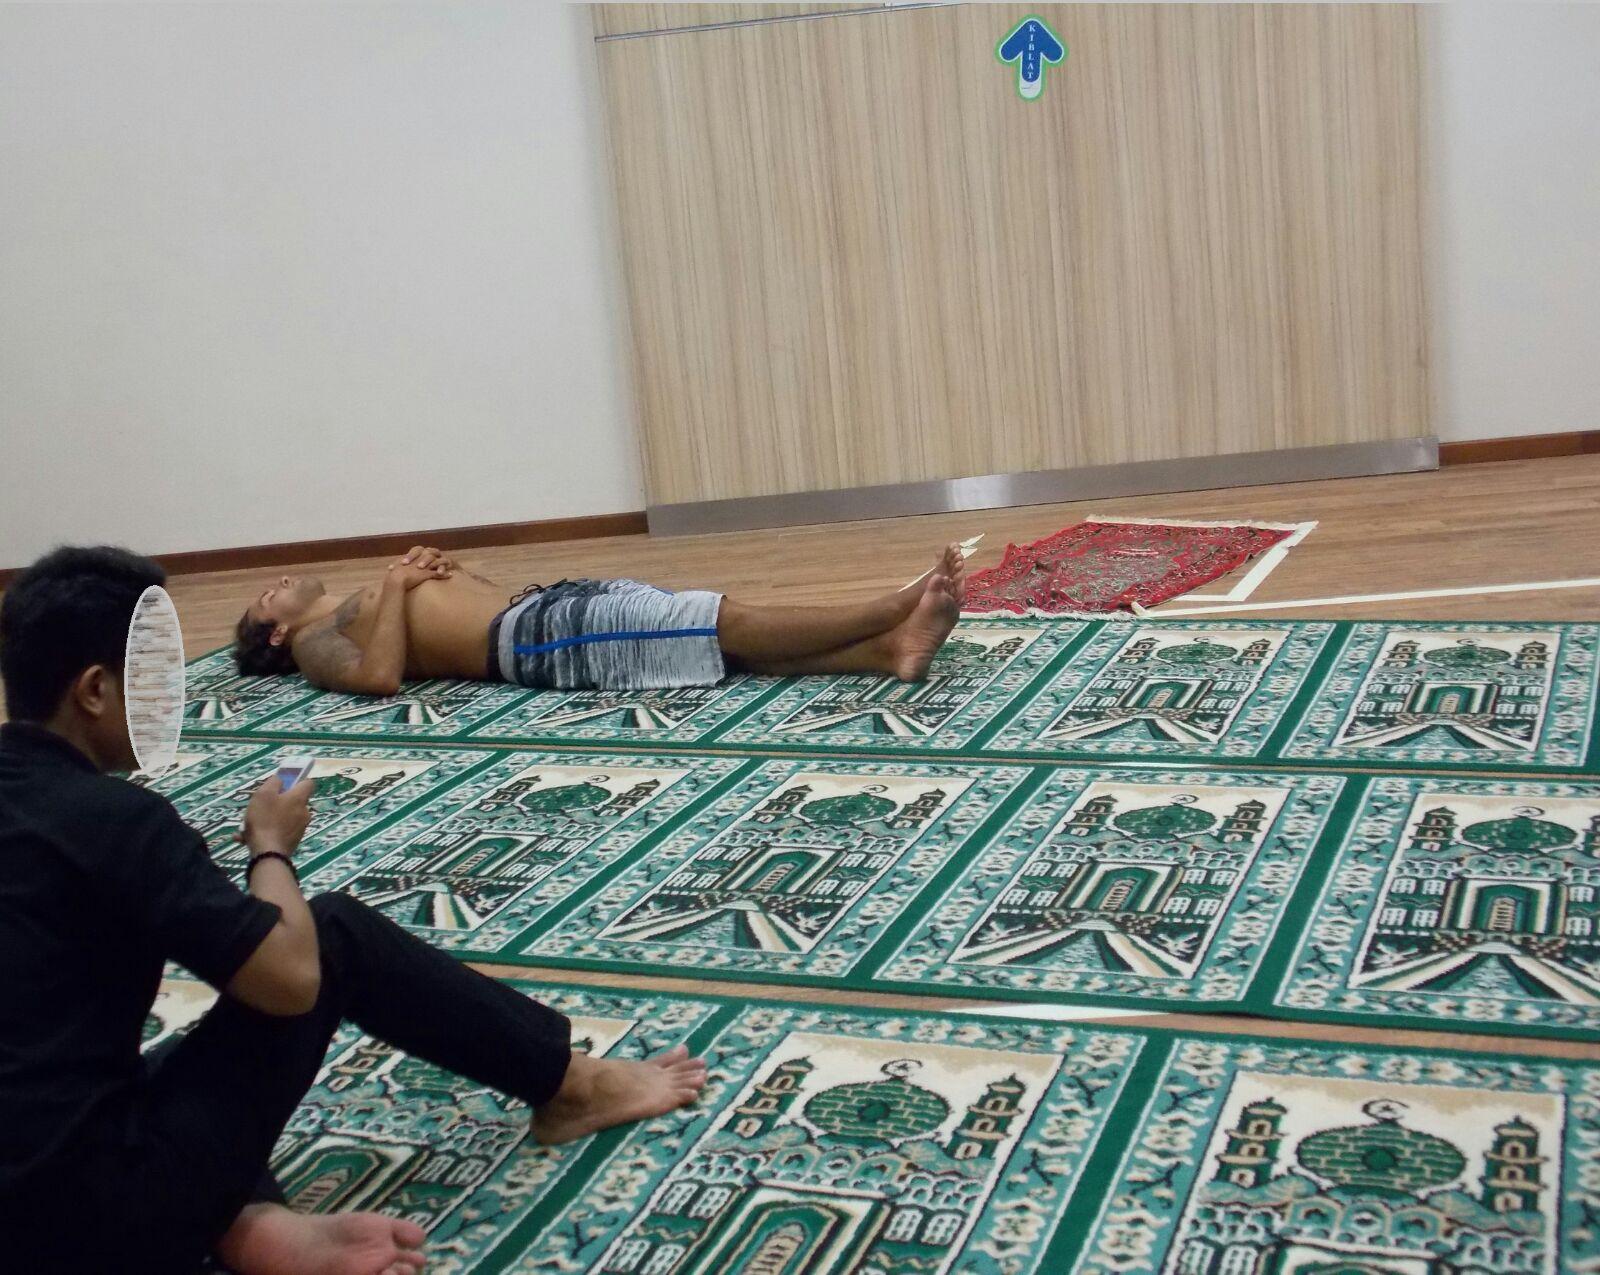 Umat Islam Terus Menuai Usaha Provokasi di Bali